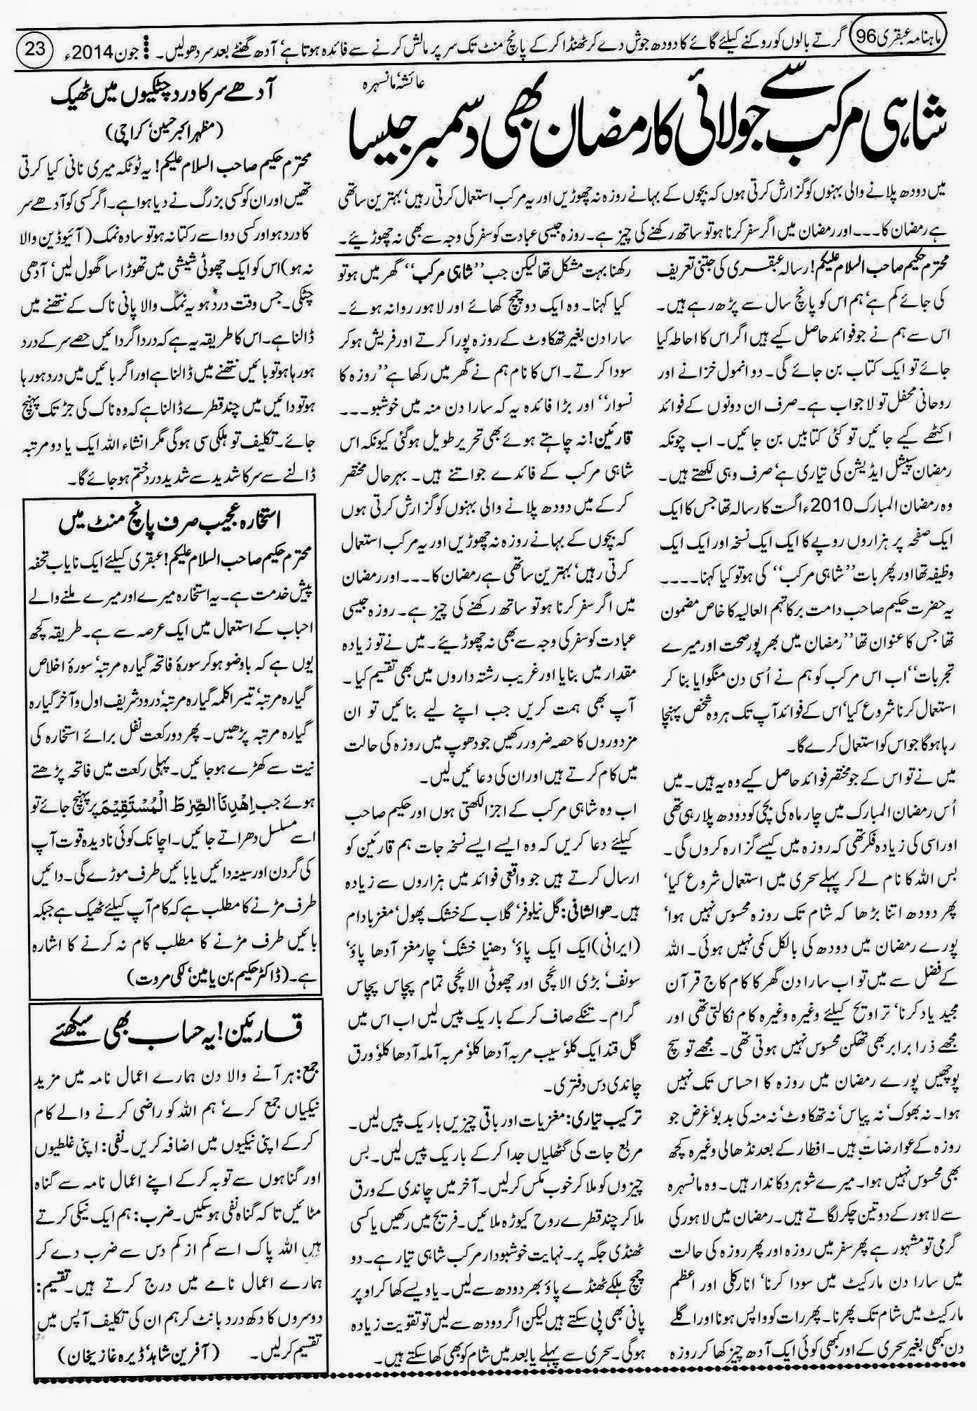 ubqari june 2014 page 23